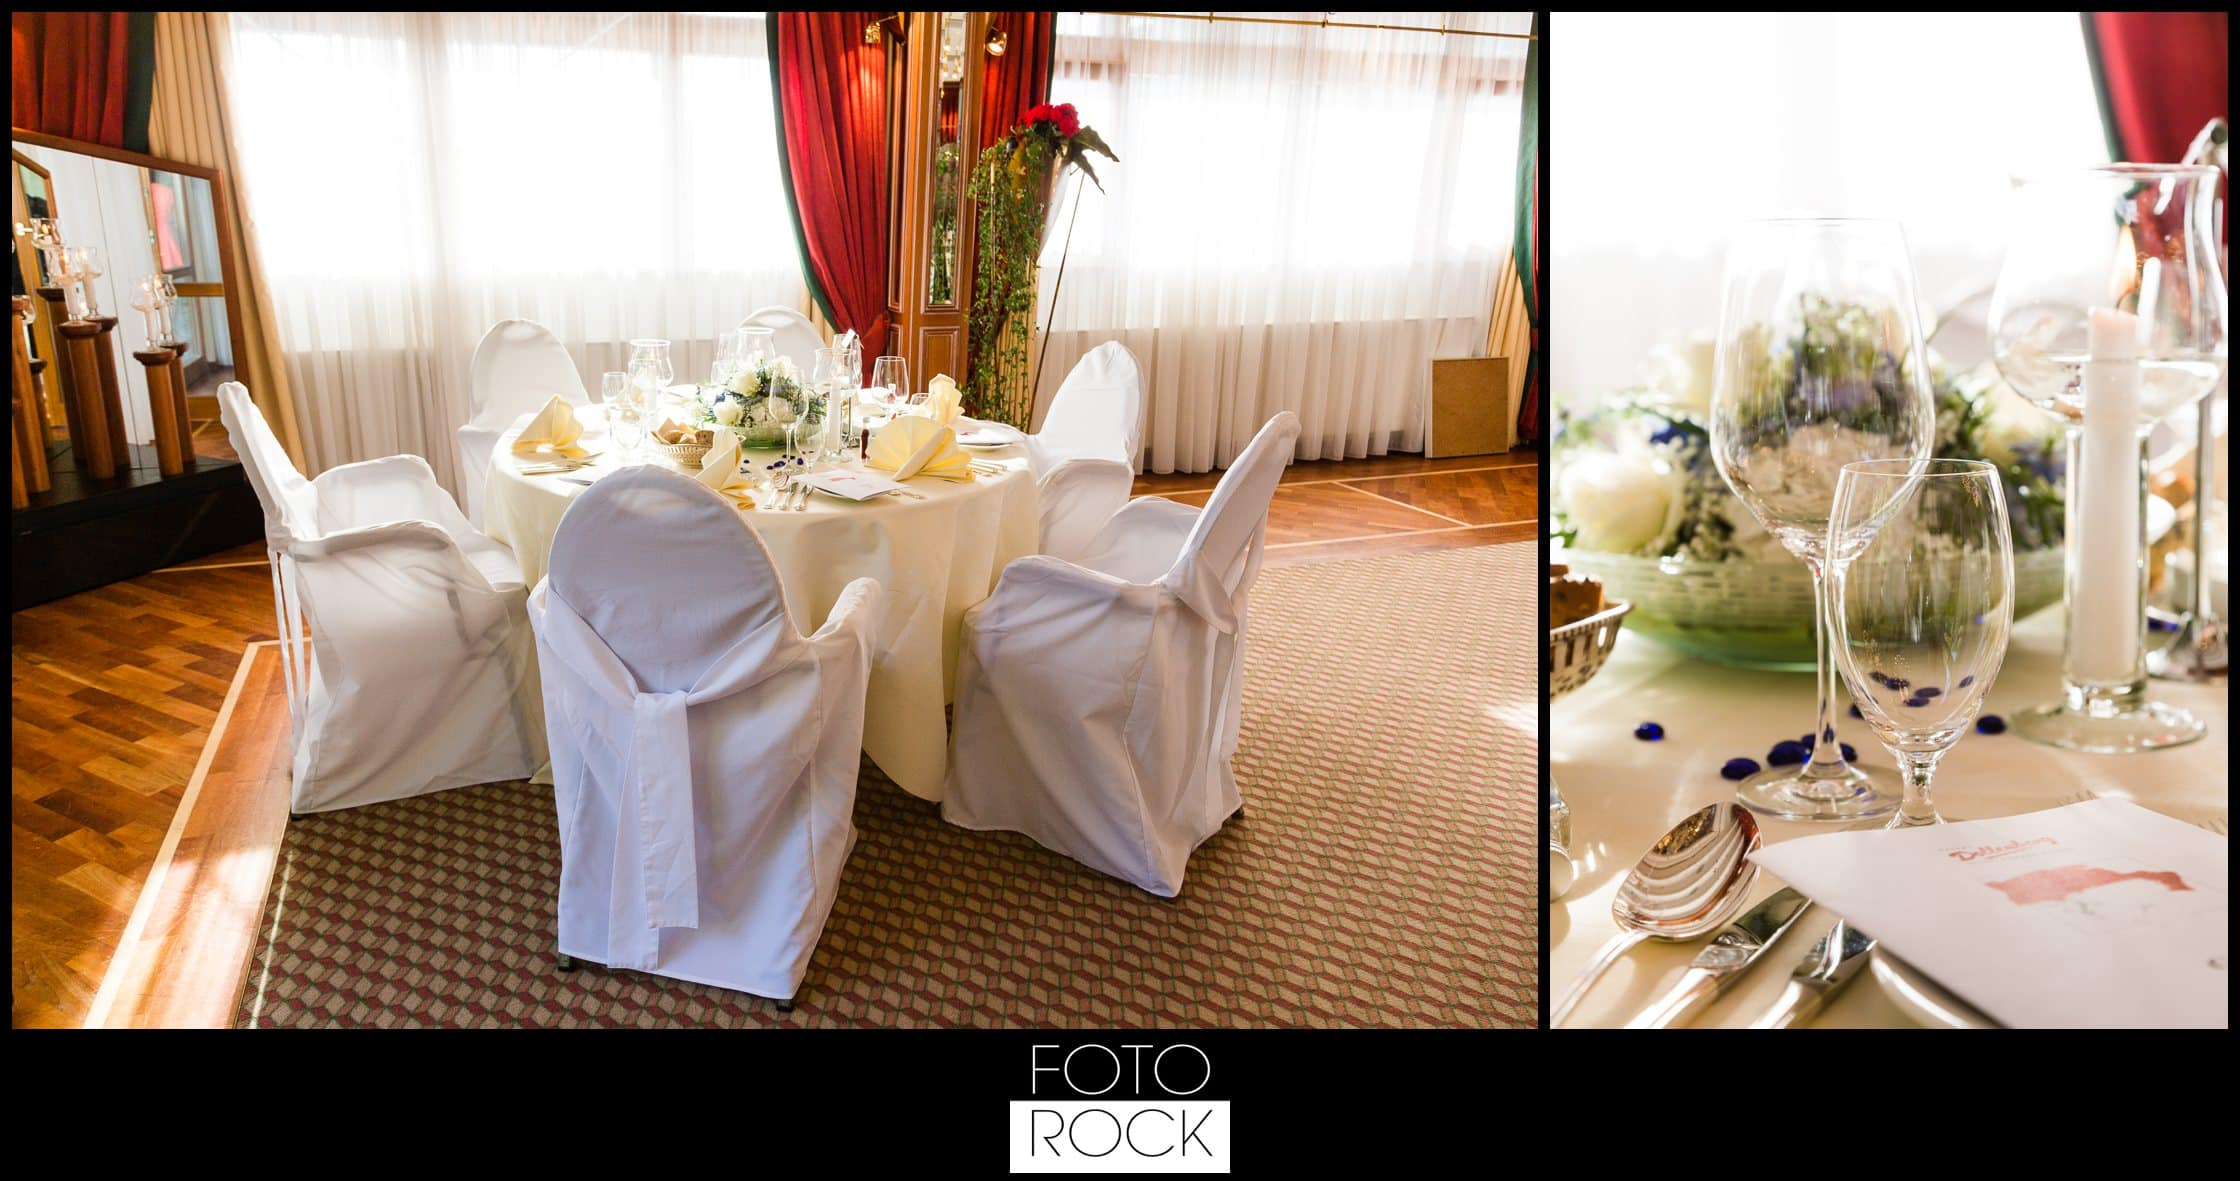 Hochzeit Dollenberg Bad Peterstal Deko Dekoration Tisch Stühle Blumen Kerzen Besteck